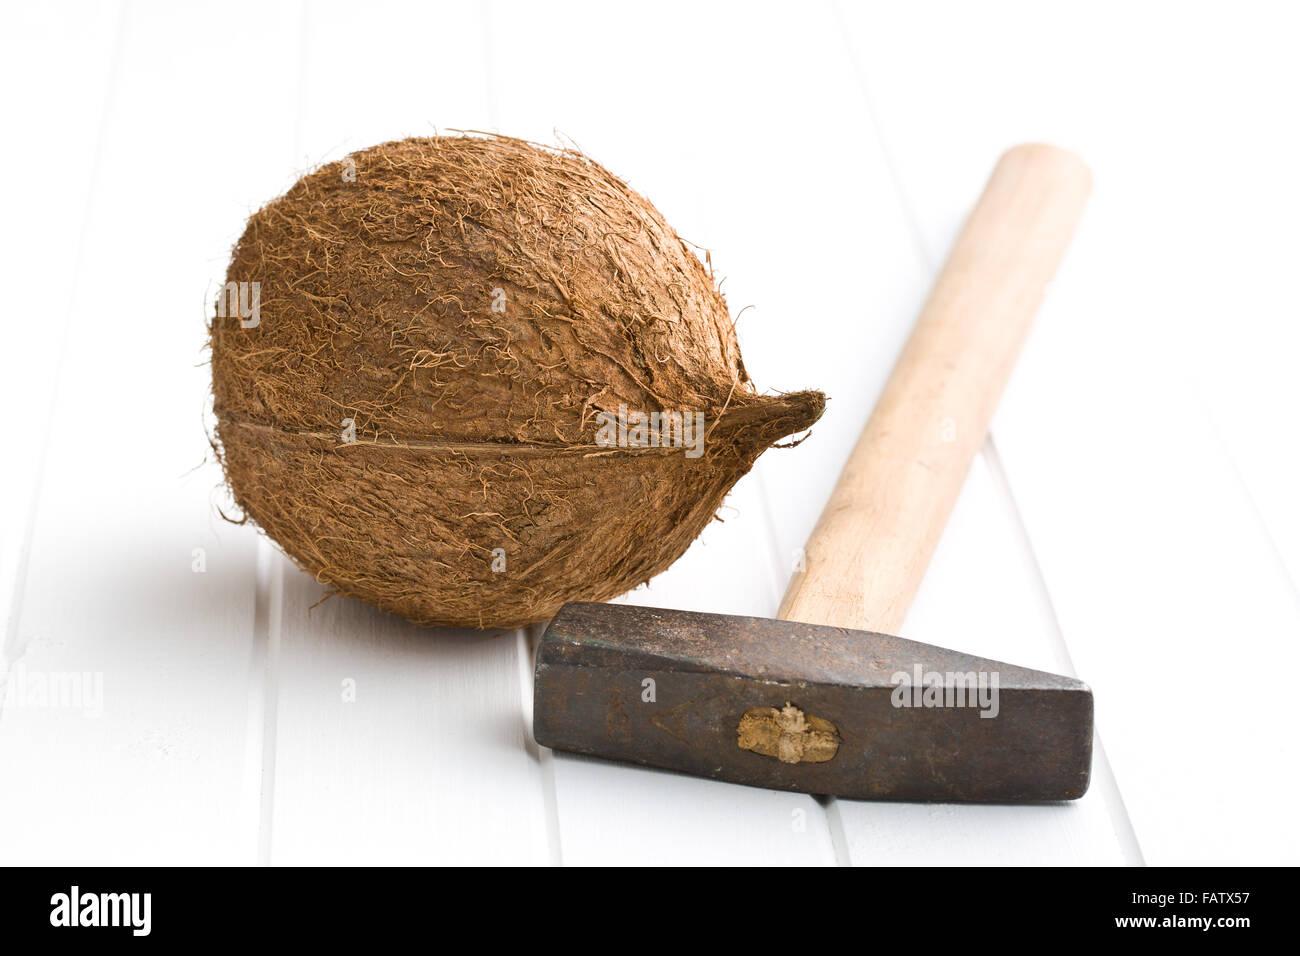 Ensemble de coco et marteau sur tableau blanc Photo Stock